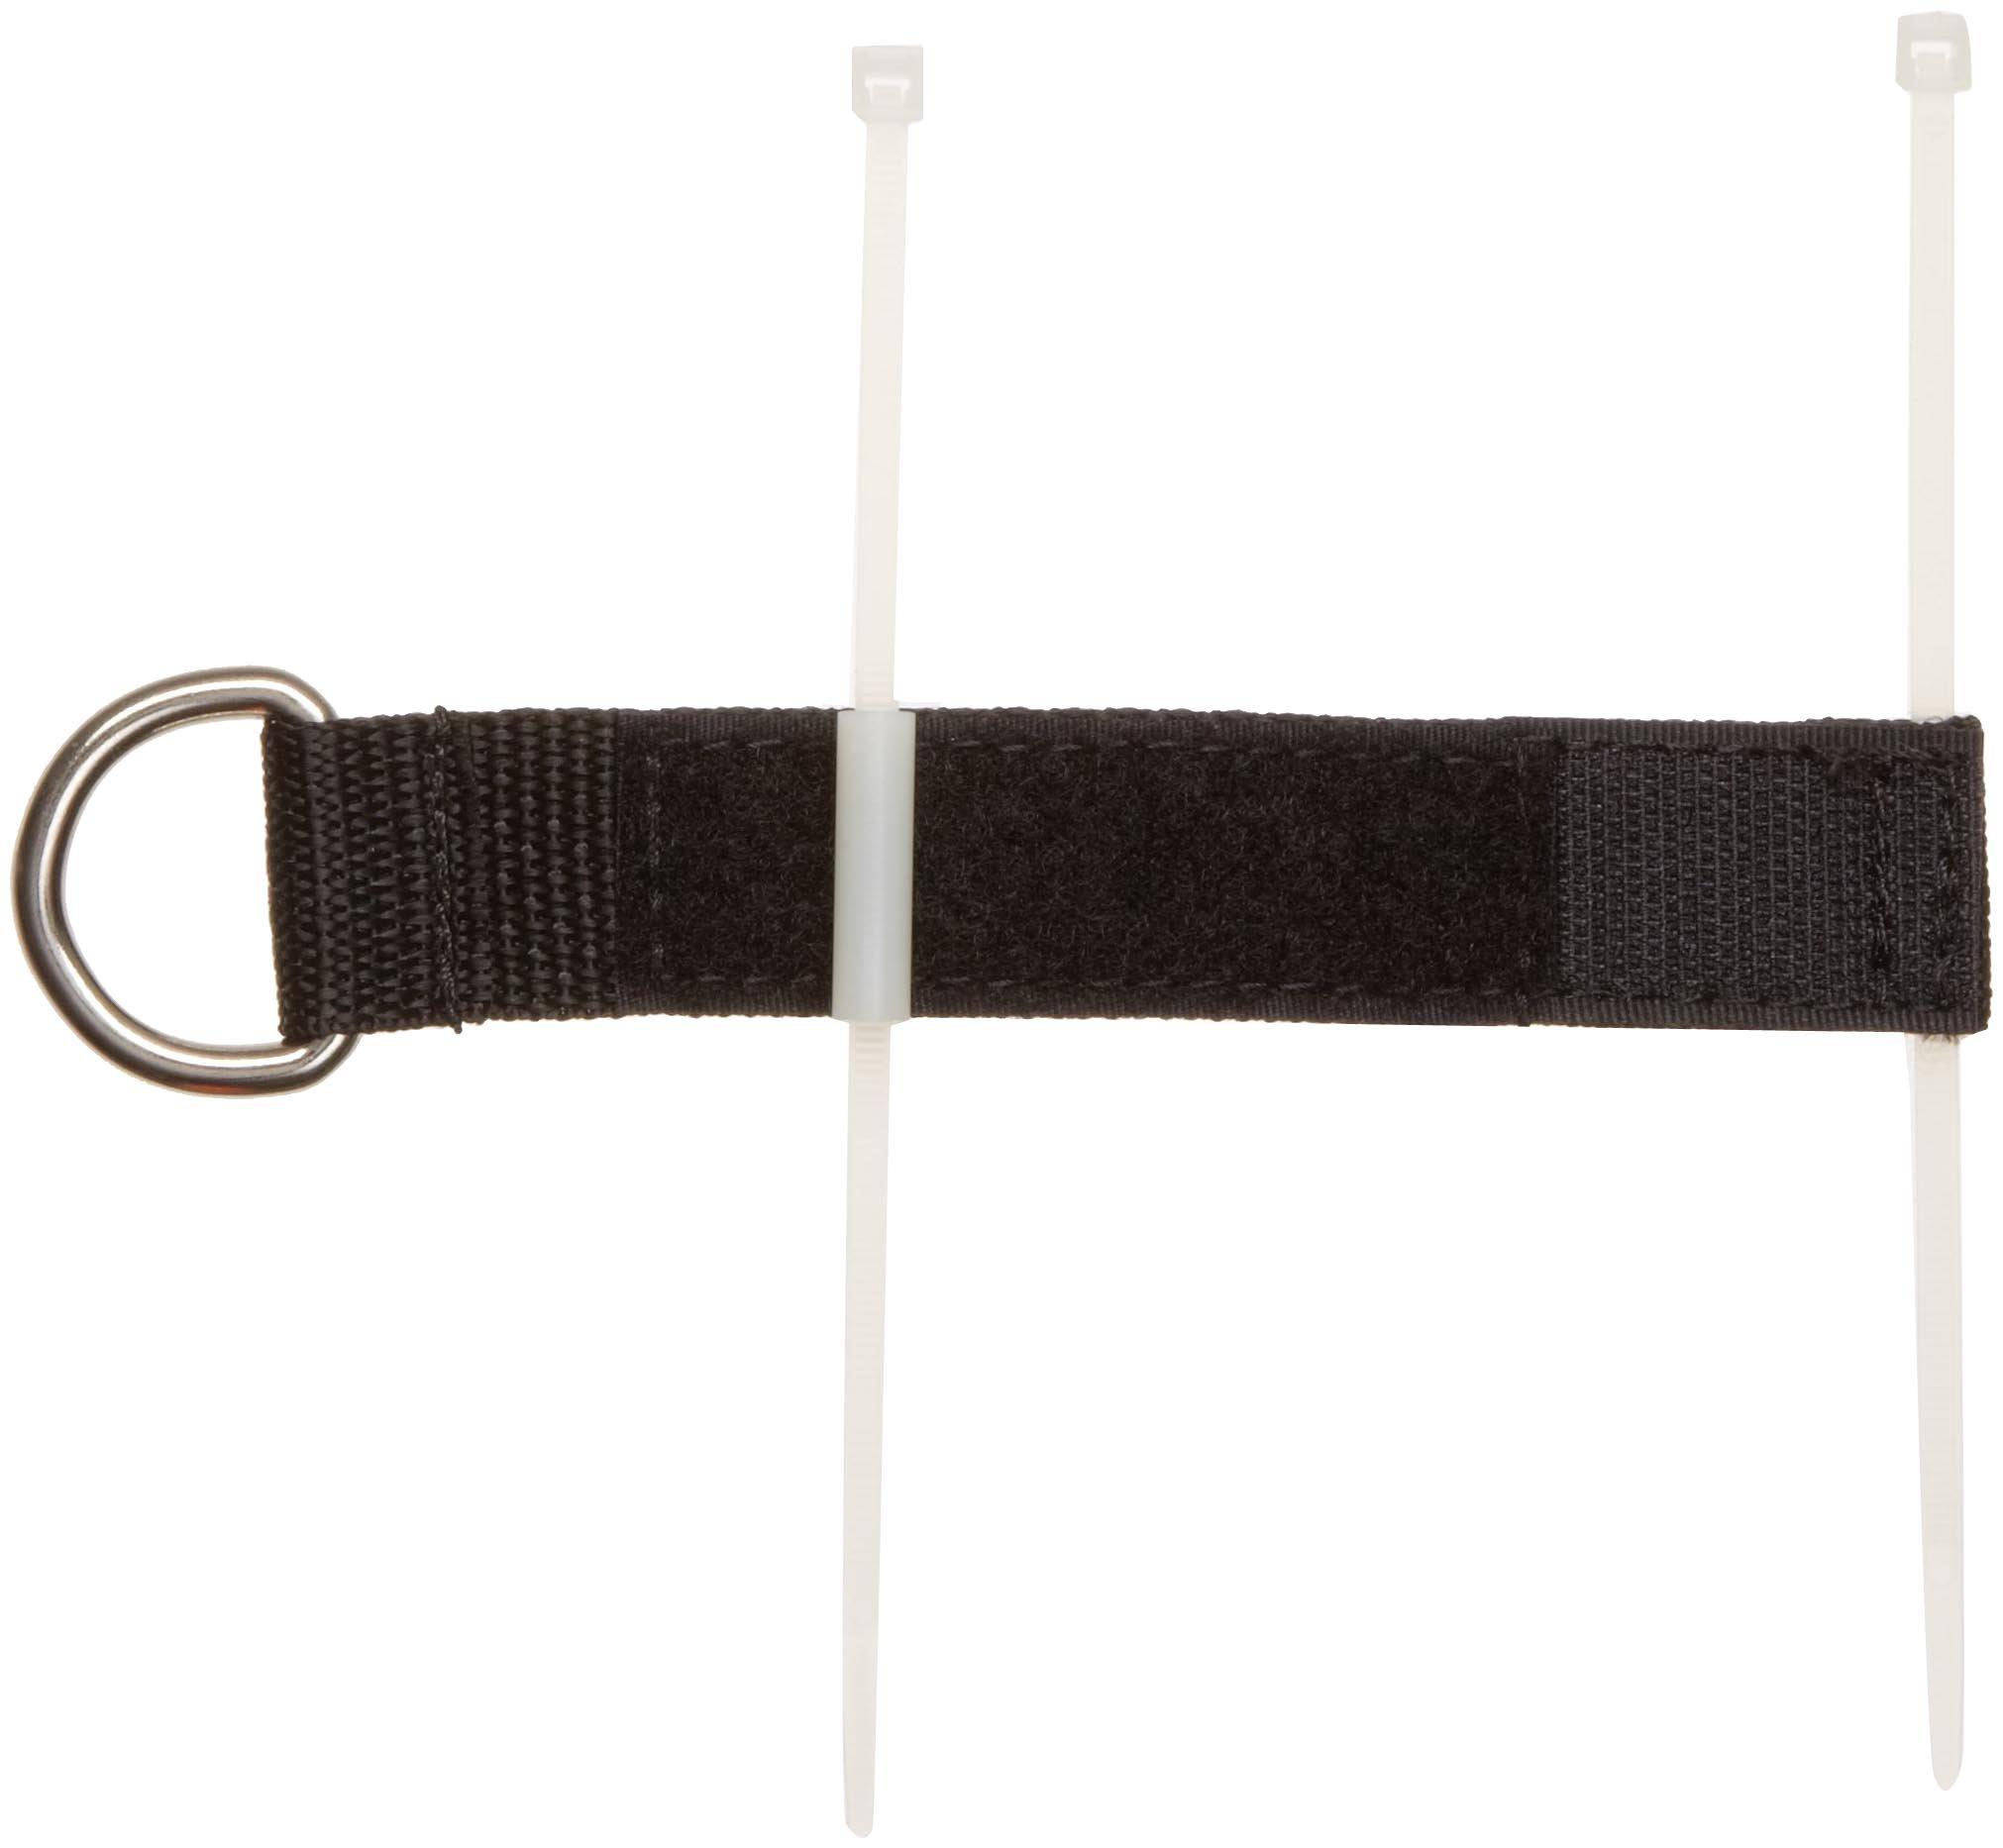 Wear Ease 738170000 Black Shoe Fastener Kit (Bag of 2)